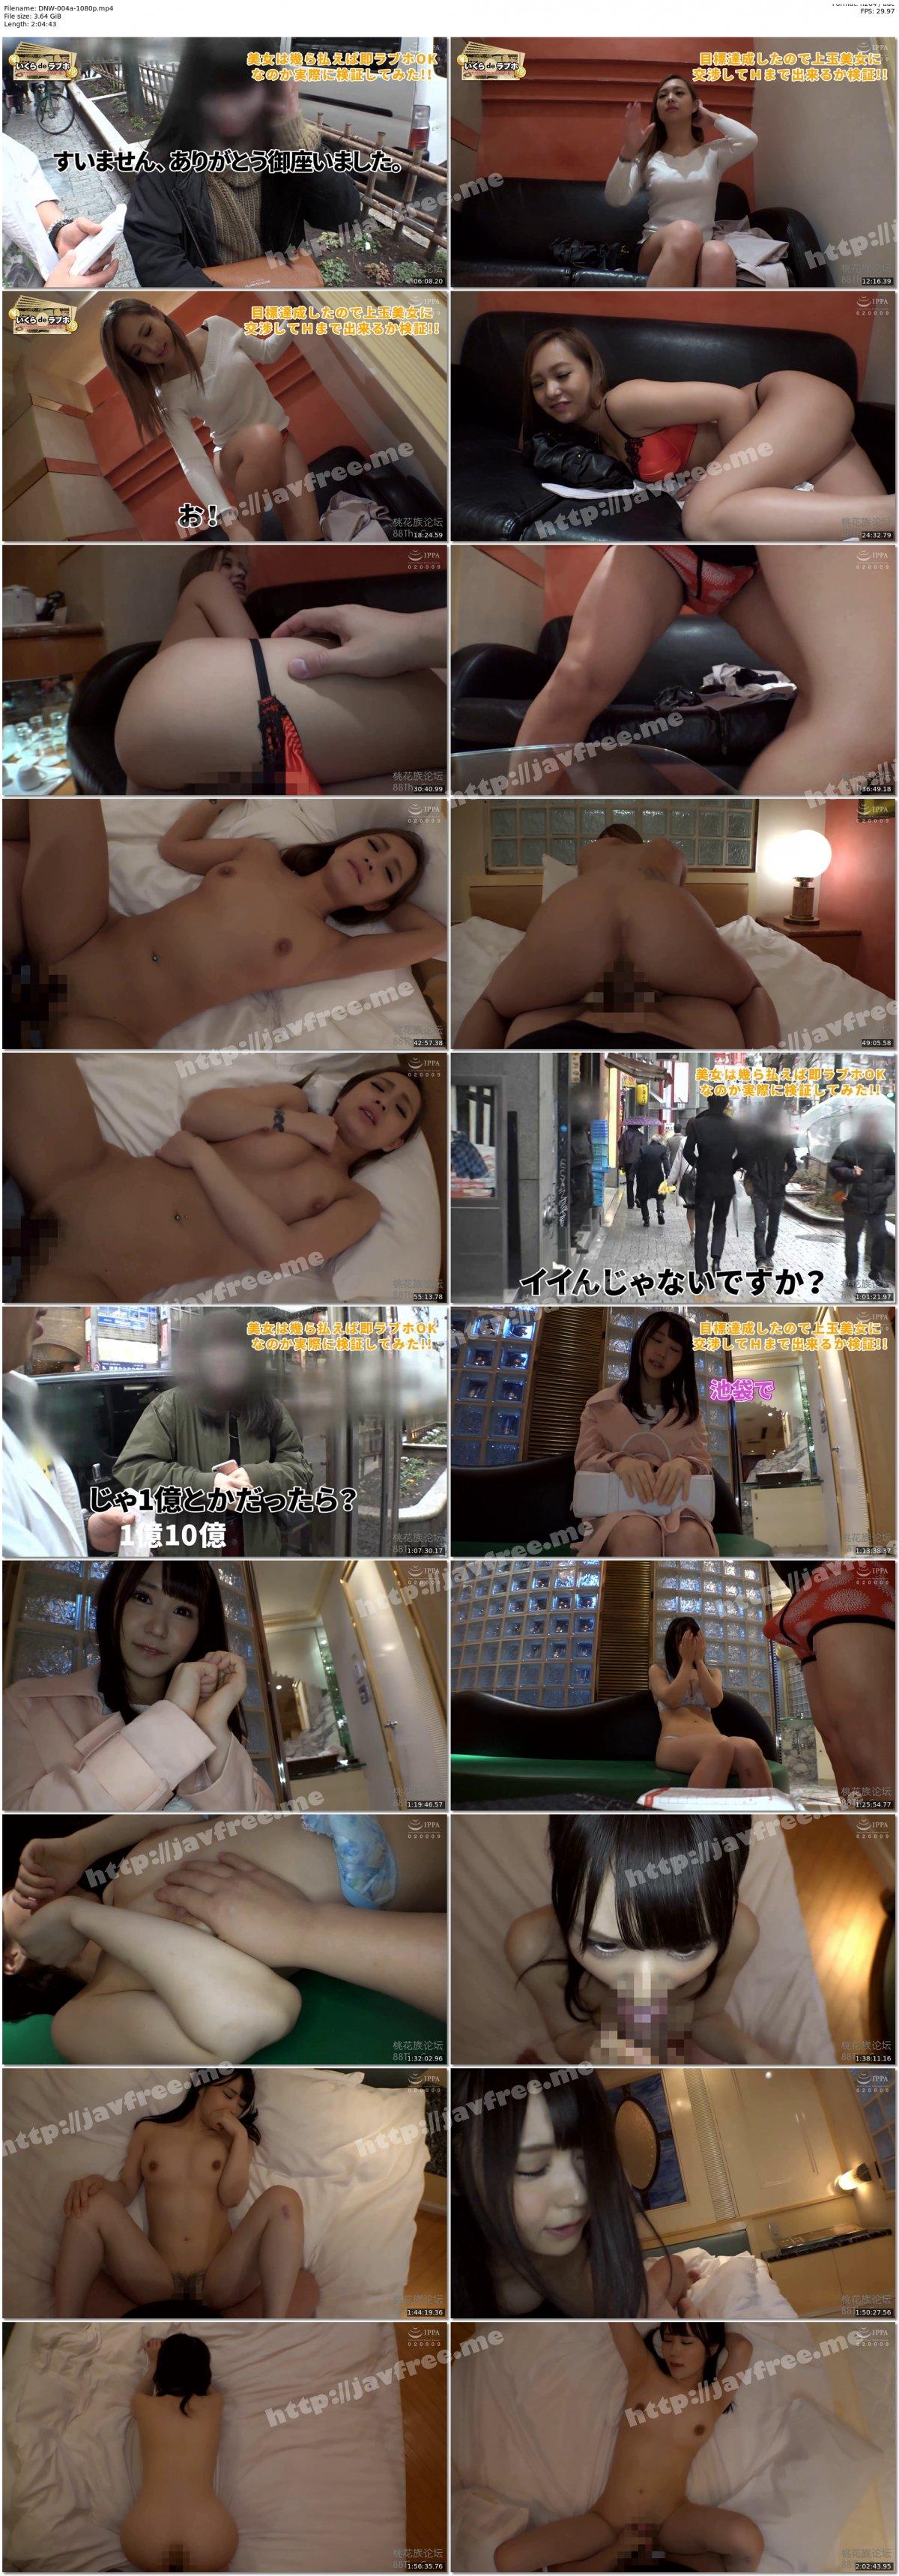 [HD][DNW-004] いくらでラブホ!? 素人美女はいくら払えば即ラブホOKなのか。ナンパ検証してみた!! 01 - image DNW-004a-1080p on https://javfree.me